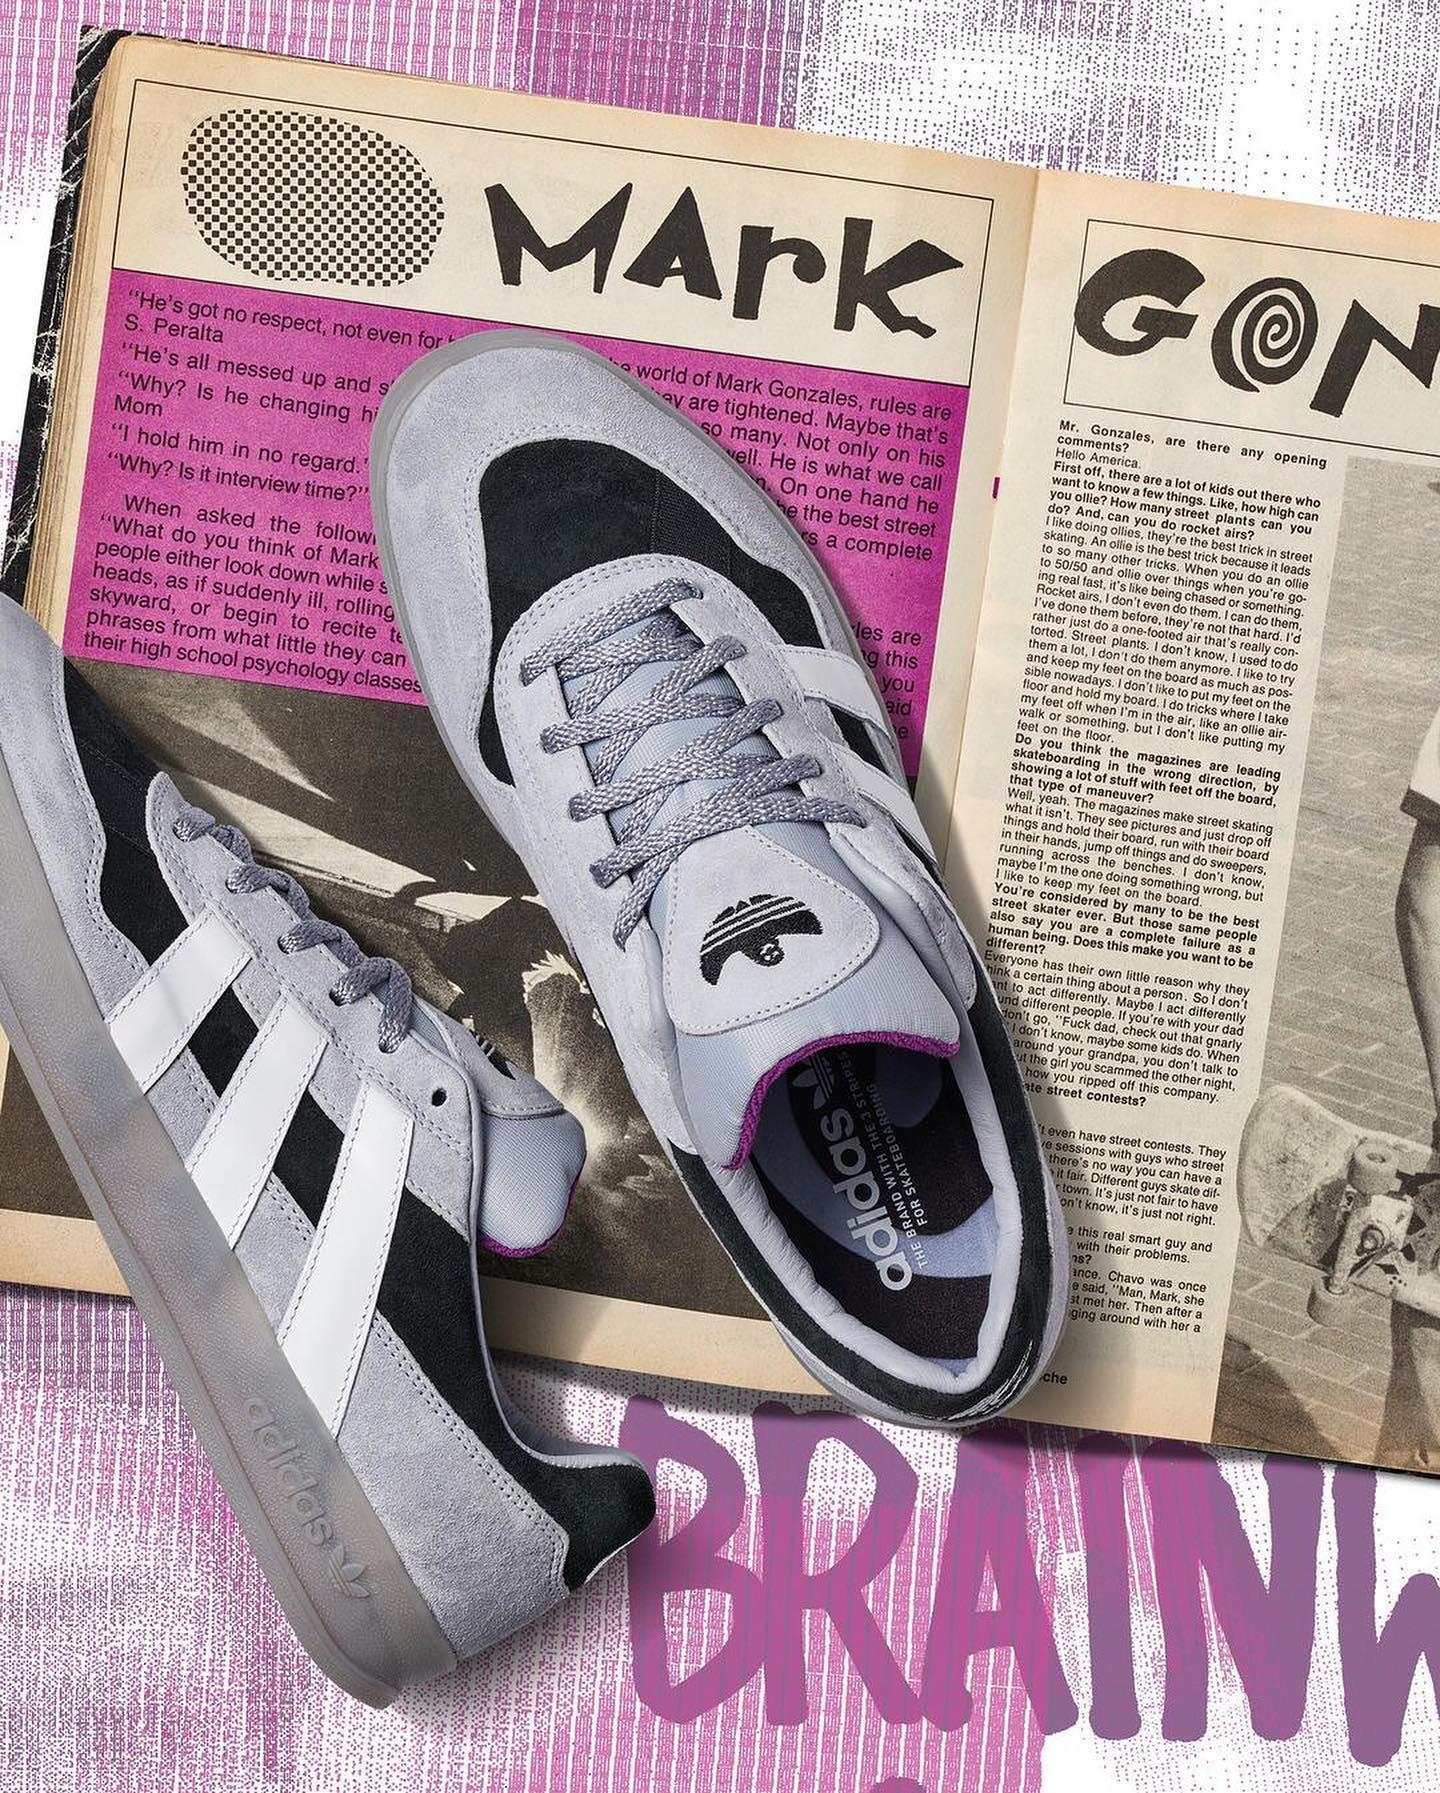 adidas skateboarding×Mark Gonzales /// ALOHA SUPERアディダス スケートボーディングとマーク・ゴンザレスのコラボによる限定エディションモデル。今回はスラッシャーマガジンの1986年9月号でゴンズが着用していたハンドメイドの 〈Brainwash Victim〉 Tシャツを着想源にしたデザインとなっています。アッパーは上質なスエードとレザーを使用。またオリジナルのシューズバッグの付属やシグニチャーが刻まれた専用シューズBOXなど、ワンランク上のスペシャルな仕上がりとなっております。